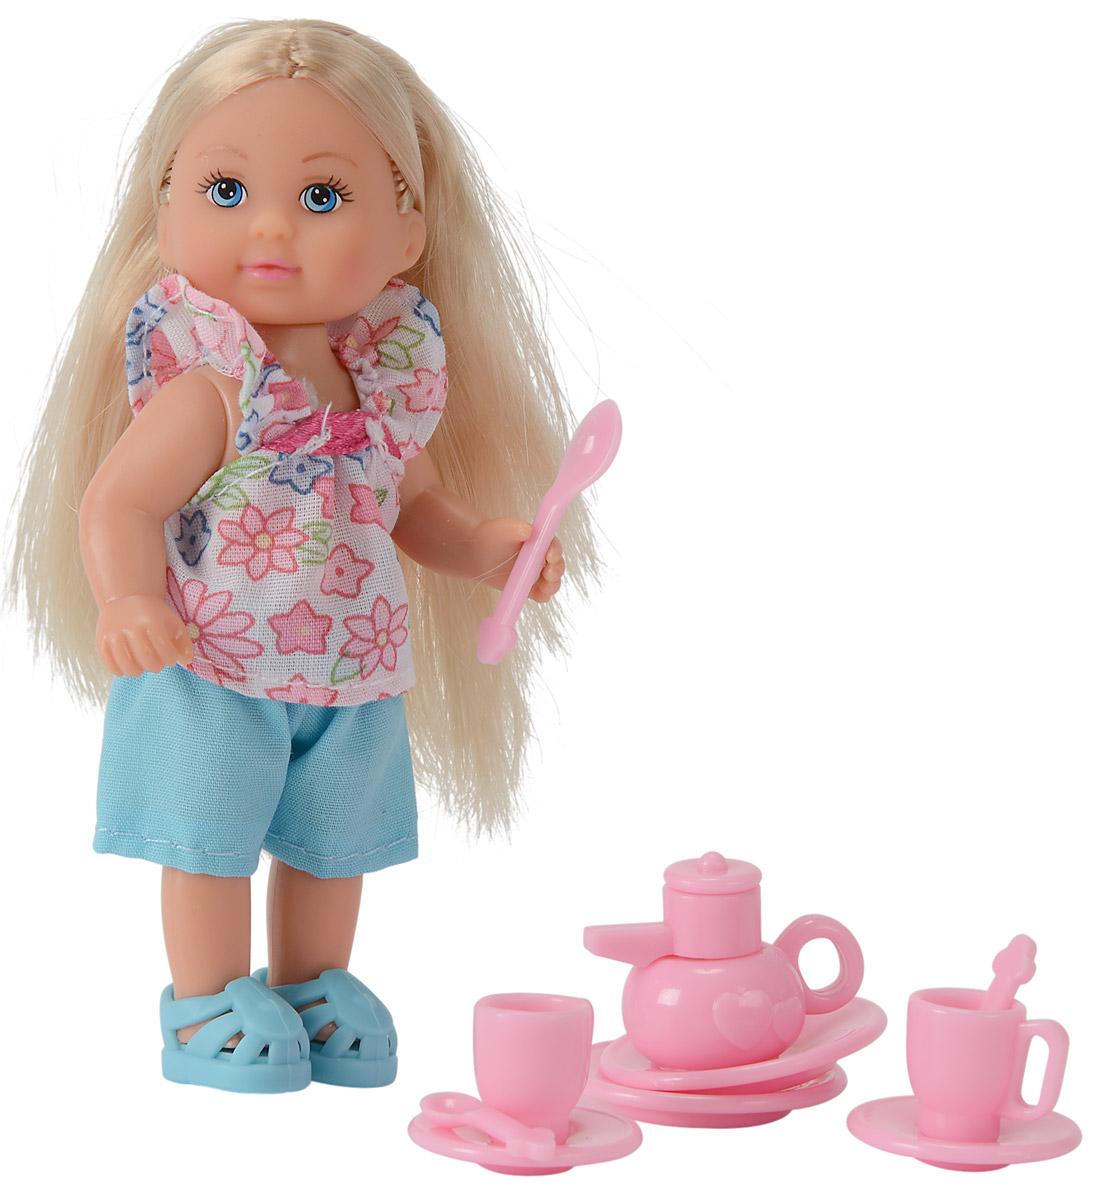 Simba Игровой набор Еви с кухонными аксессуарами5734830_шорты голубыеИгровой набор с мини-куклой Еви порадует вашу малышку и доставит ей много удовольствия от часов, посвященных игре с ней. Куколка со светлыми волосами одета в симпатичную кофточку в цветочек и голубые шортики. На ногах куклы - очаровательные голубые туфельки. Еви собирается угощать гостей чаем и накрывает на стол. В комплекте с мини-куколкой 2 чашки, 2 блюдца, 2 тарелочки, столовые приборы и чайник. Аксессуары выполнены из прочного материала розового цвета. Длинные волосы куколки можно расчесывать и делать разнообразные прически. Голова, ручки и ножки куклы подвижны. Игры с куклами способствуют эмоциональному развитию, помогают формировать воображение и художественный вкус, а также развивают в вашей малышке чувство ответственности и заботы. Великолепное качество исполнения делают эту куколку чудесным подарком к любому празднику.